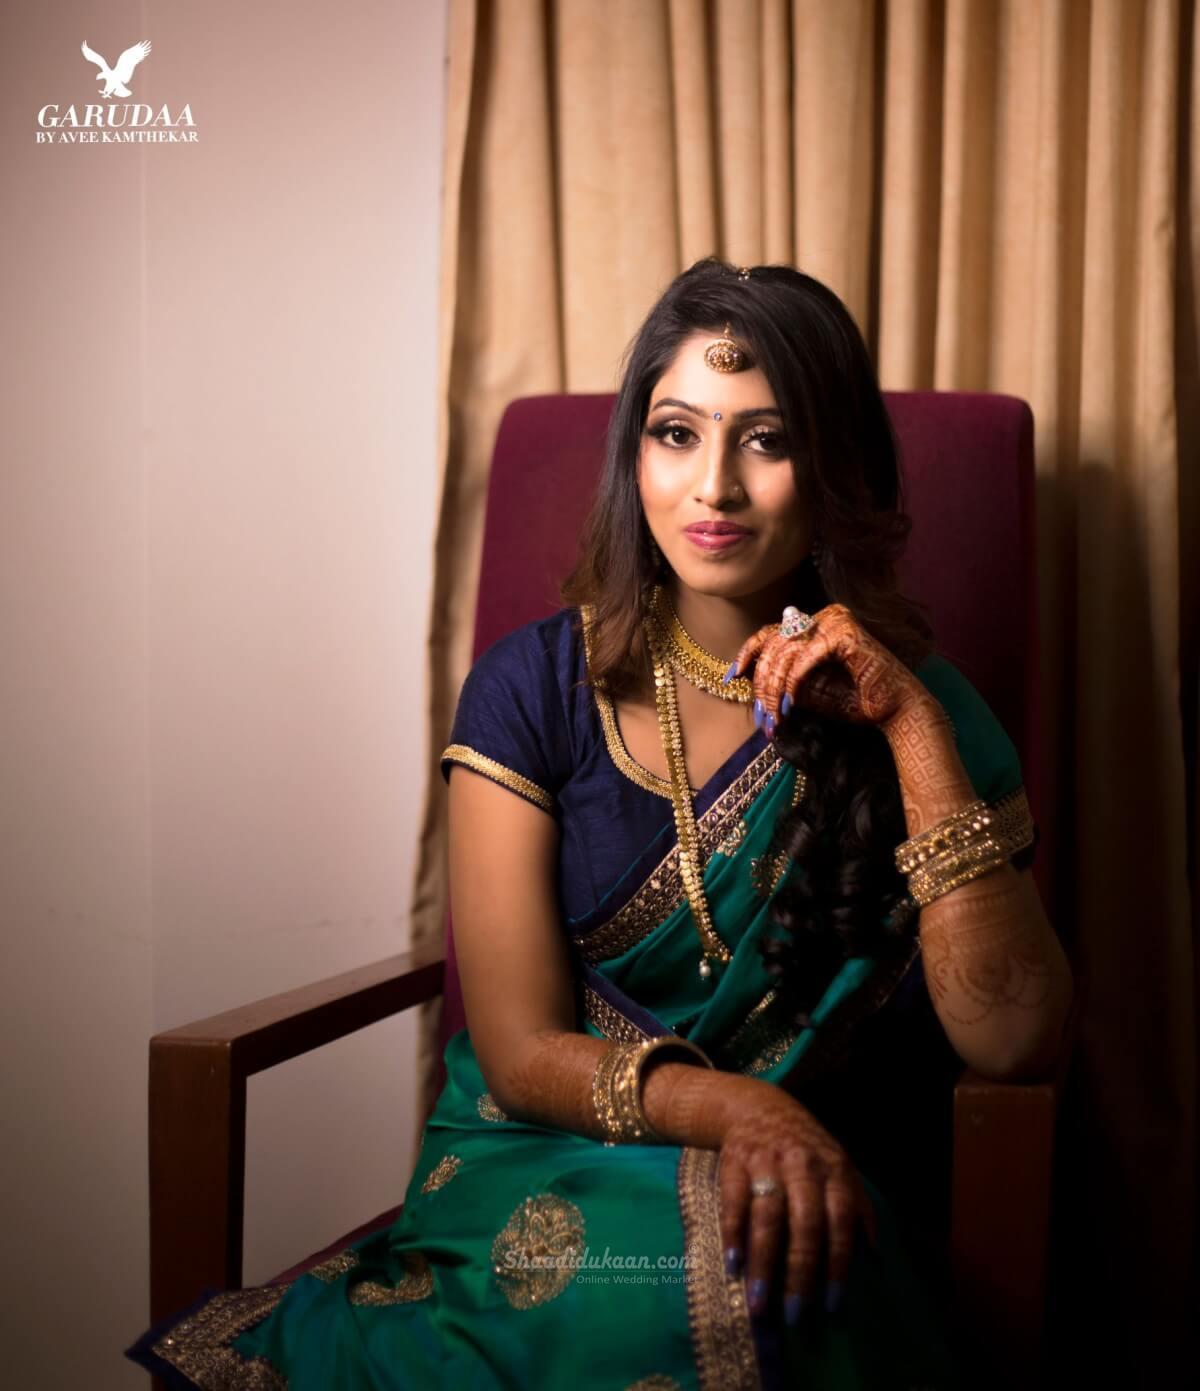 Garudaa Photography